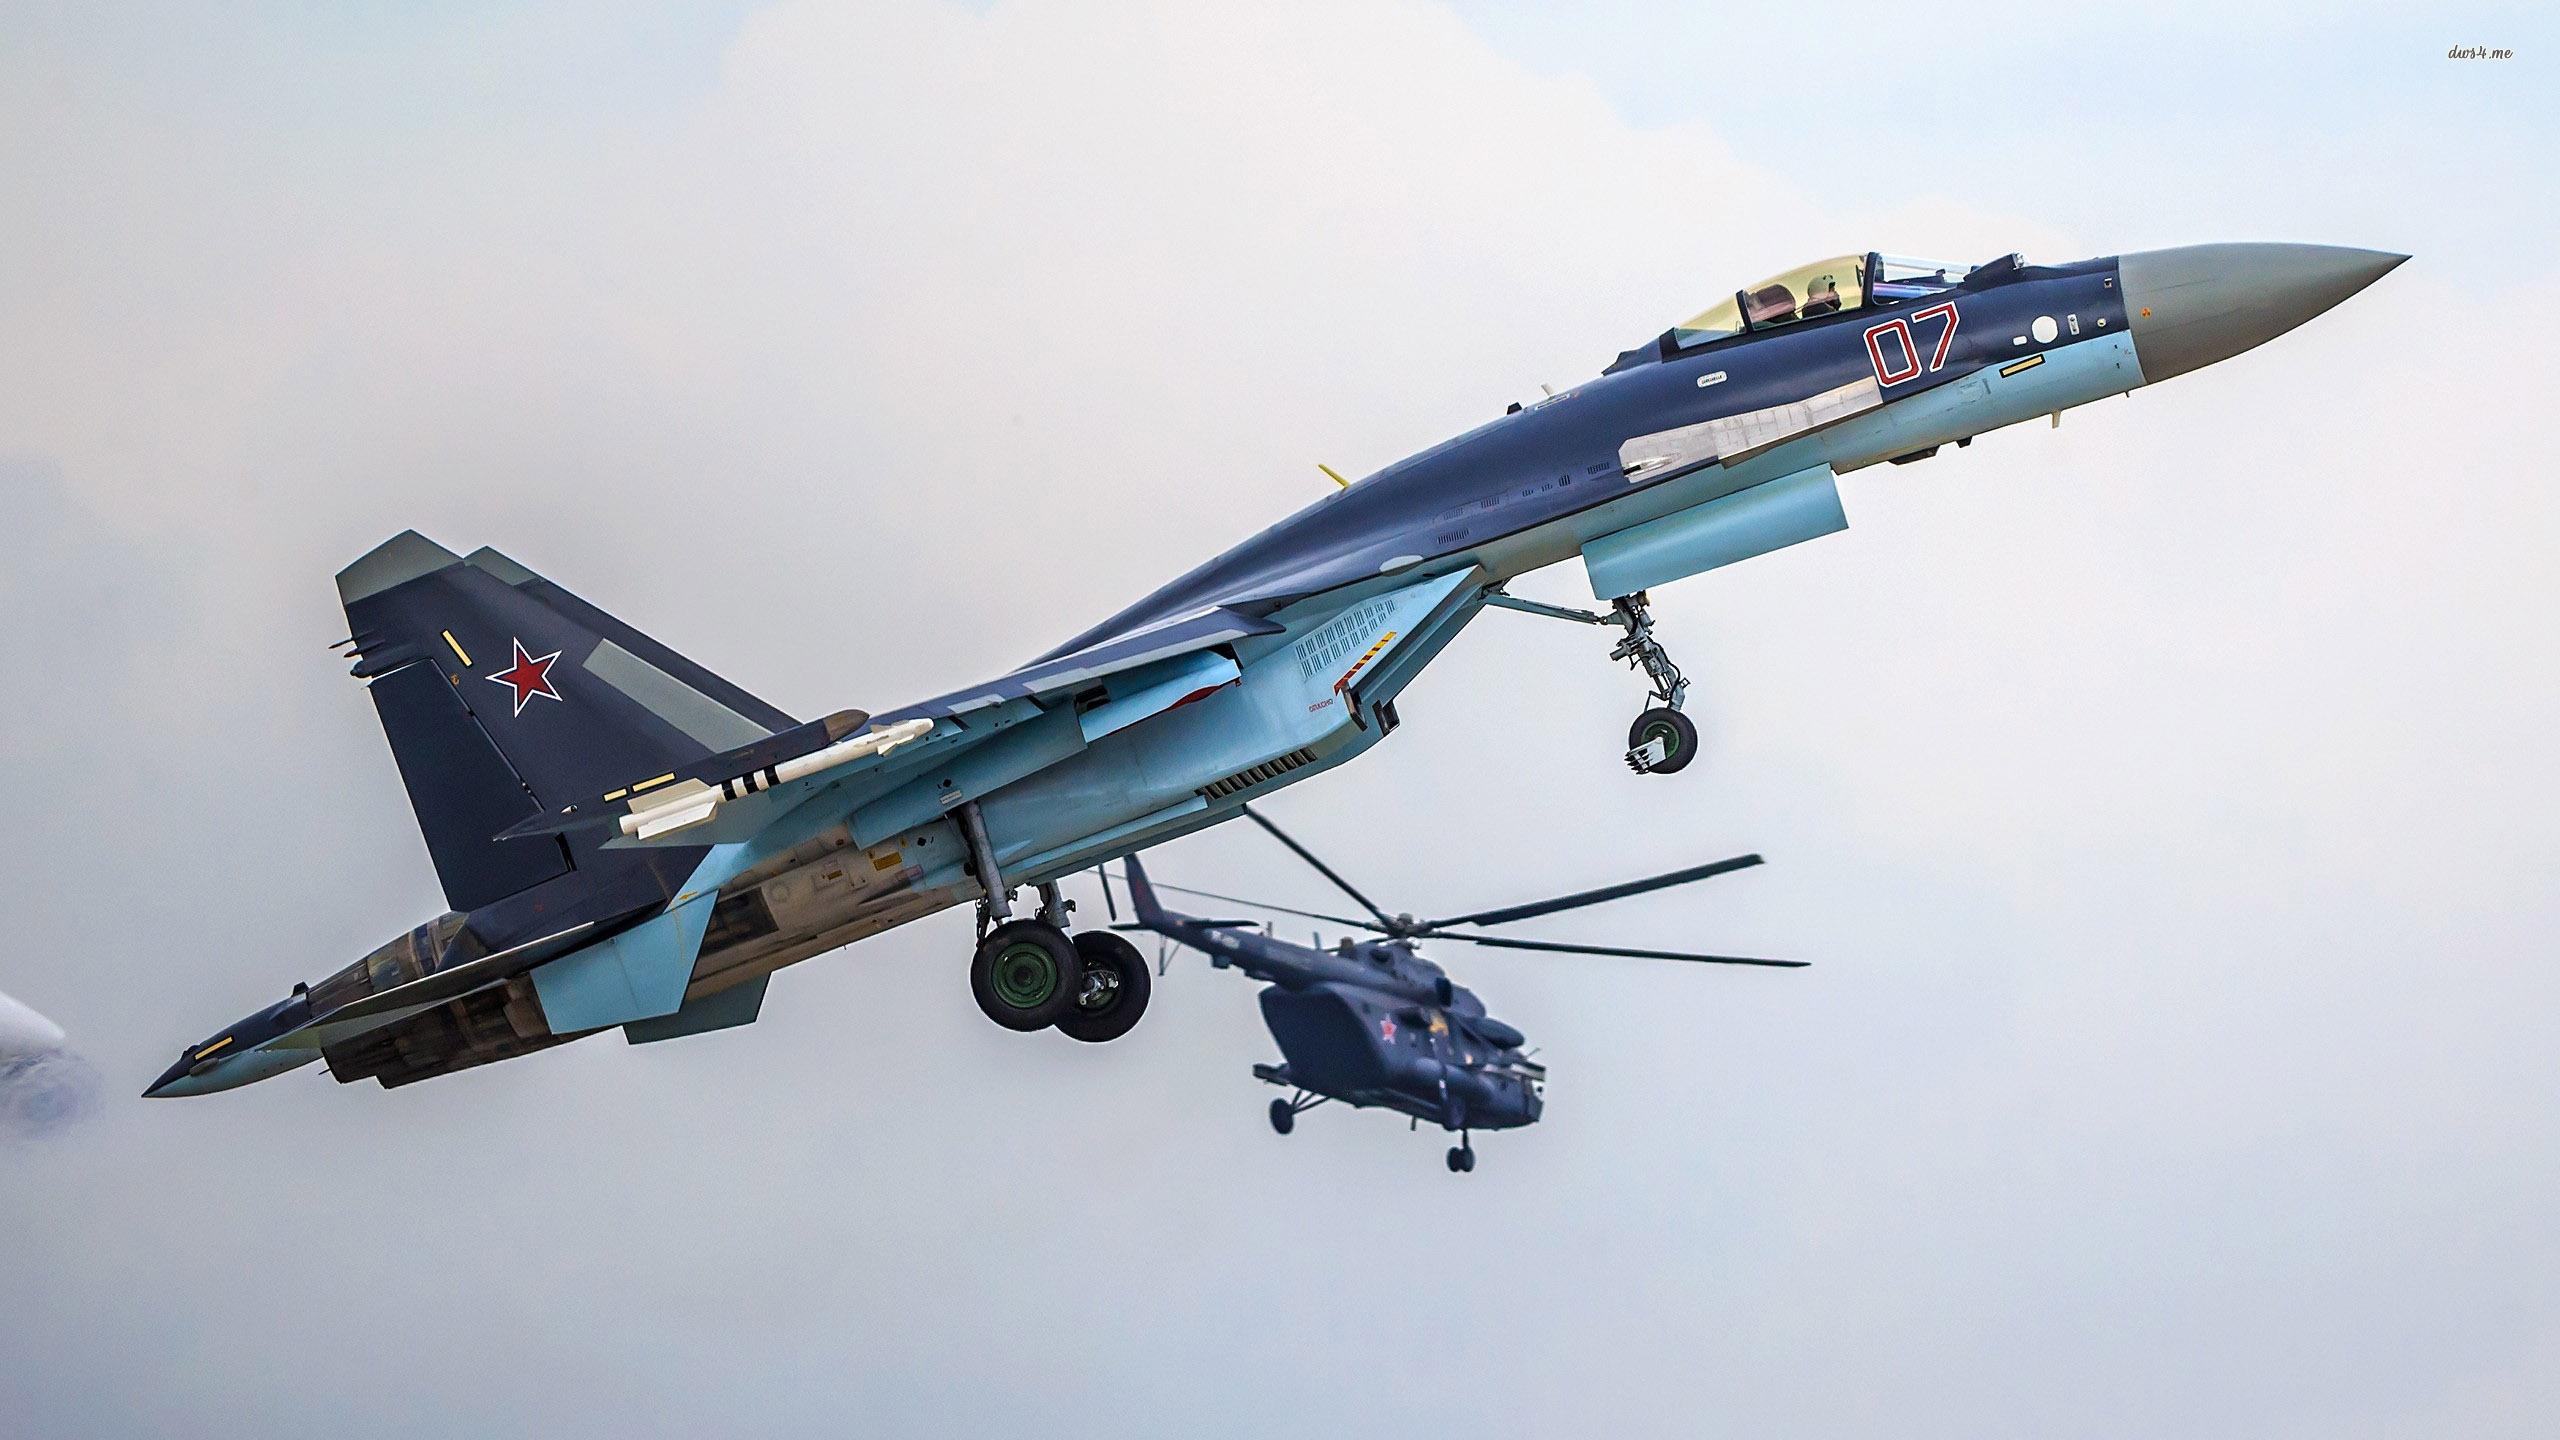 Indonésia assinará nos próximos meses o contrato para aquisição de aviões de combate Sukhoi Su-35